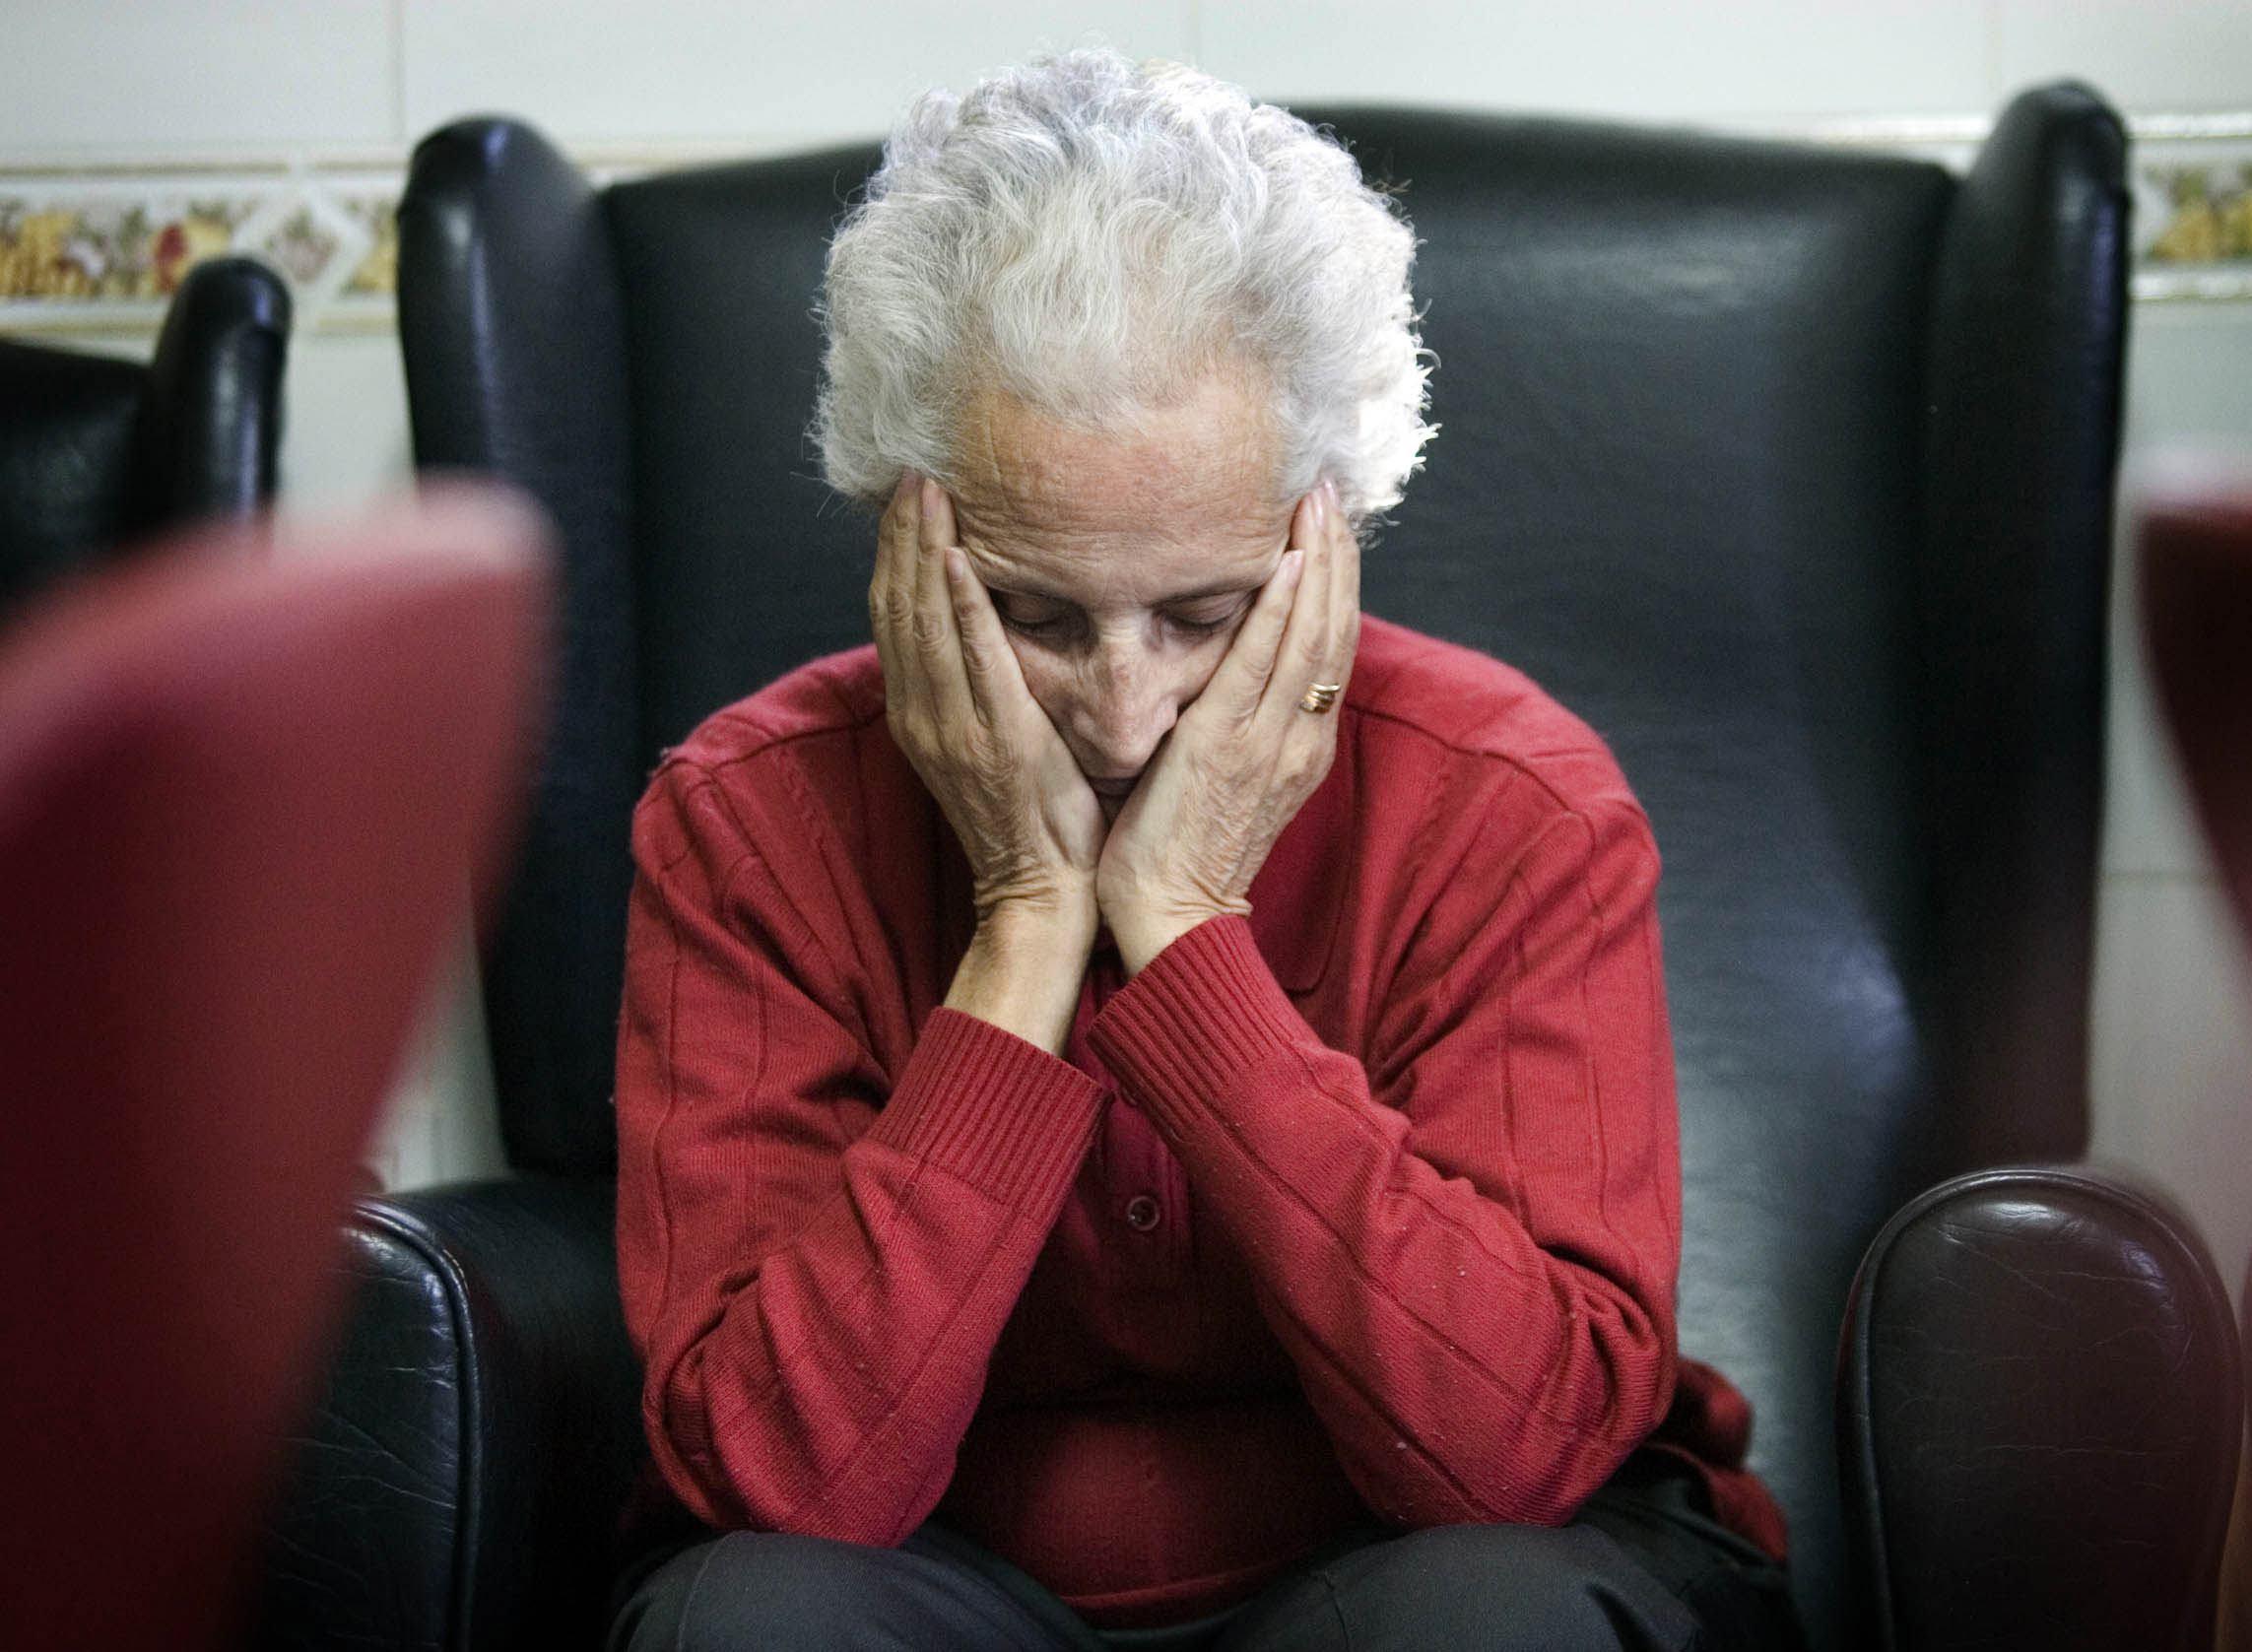 El coste del alzhéimer asciende a 37 millones y se duplicará en 20 años